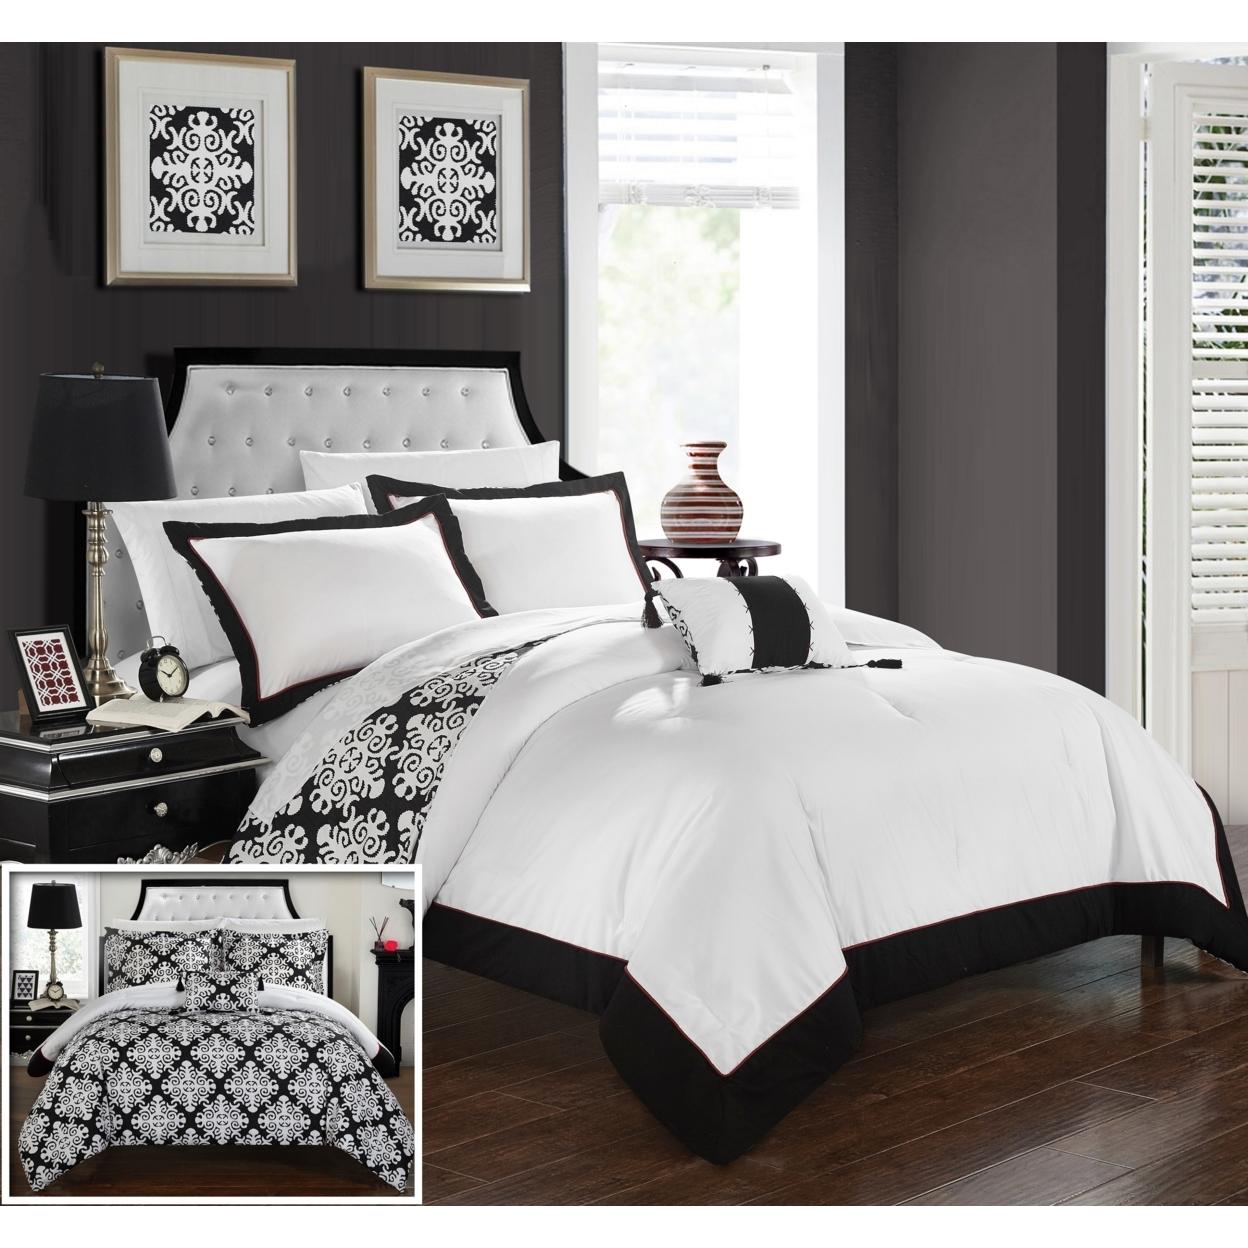 buy bedding chic | avoli